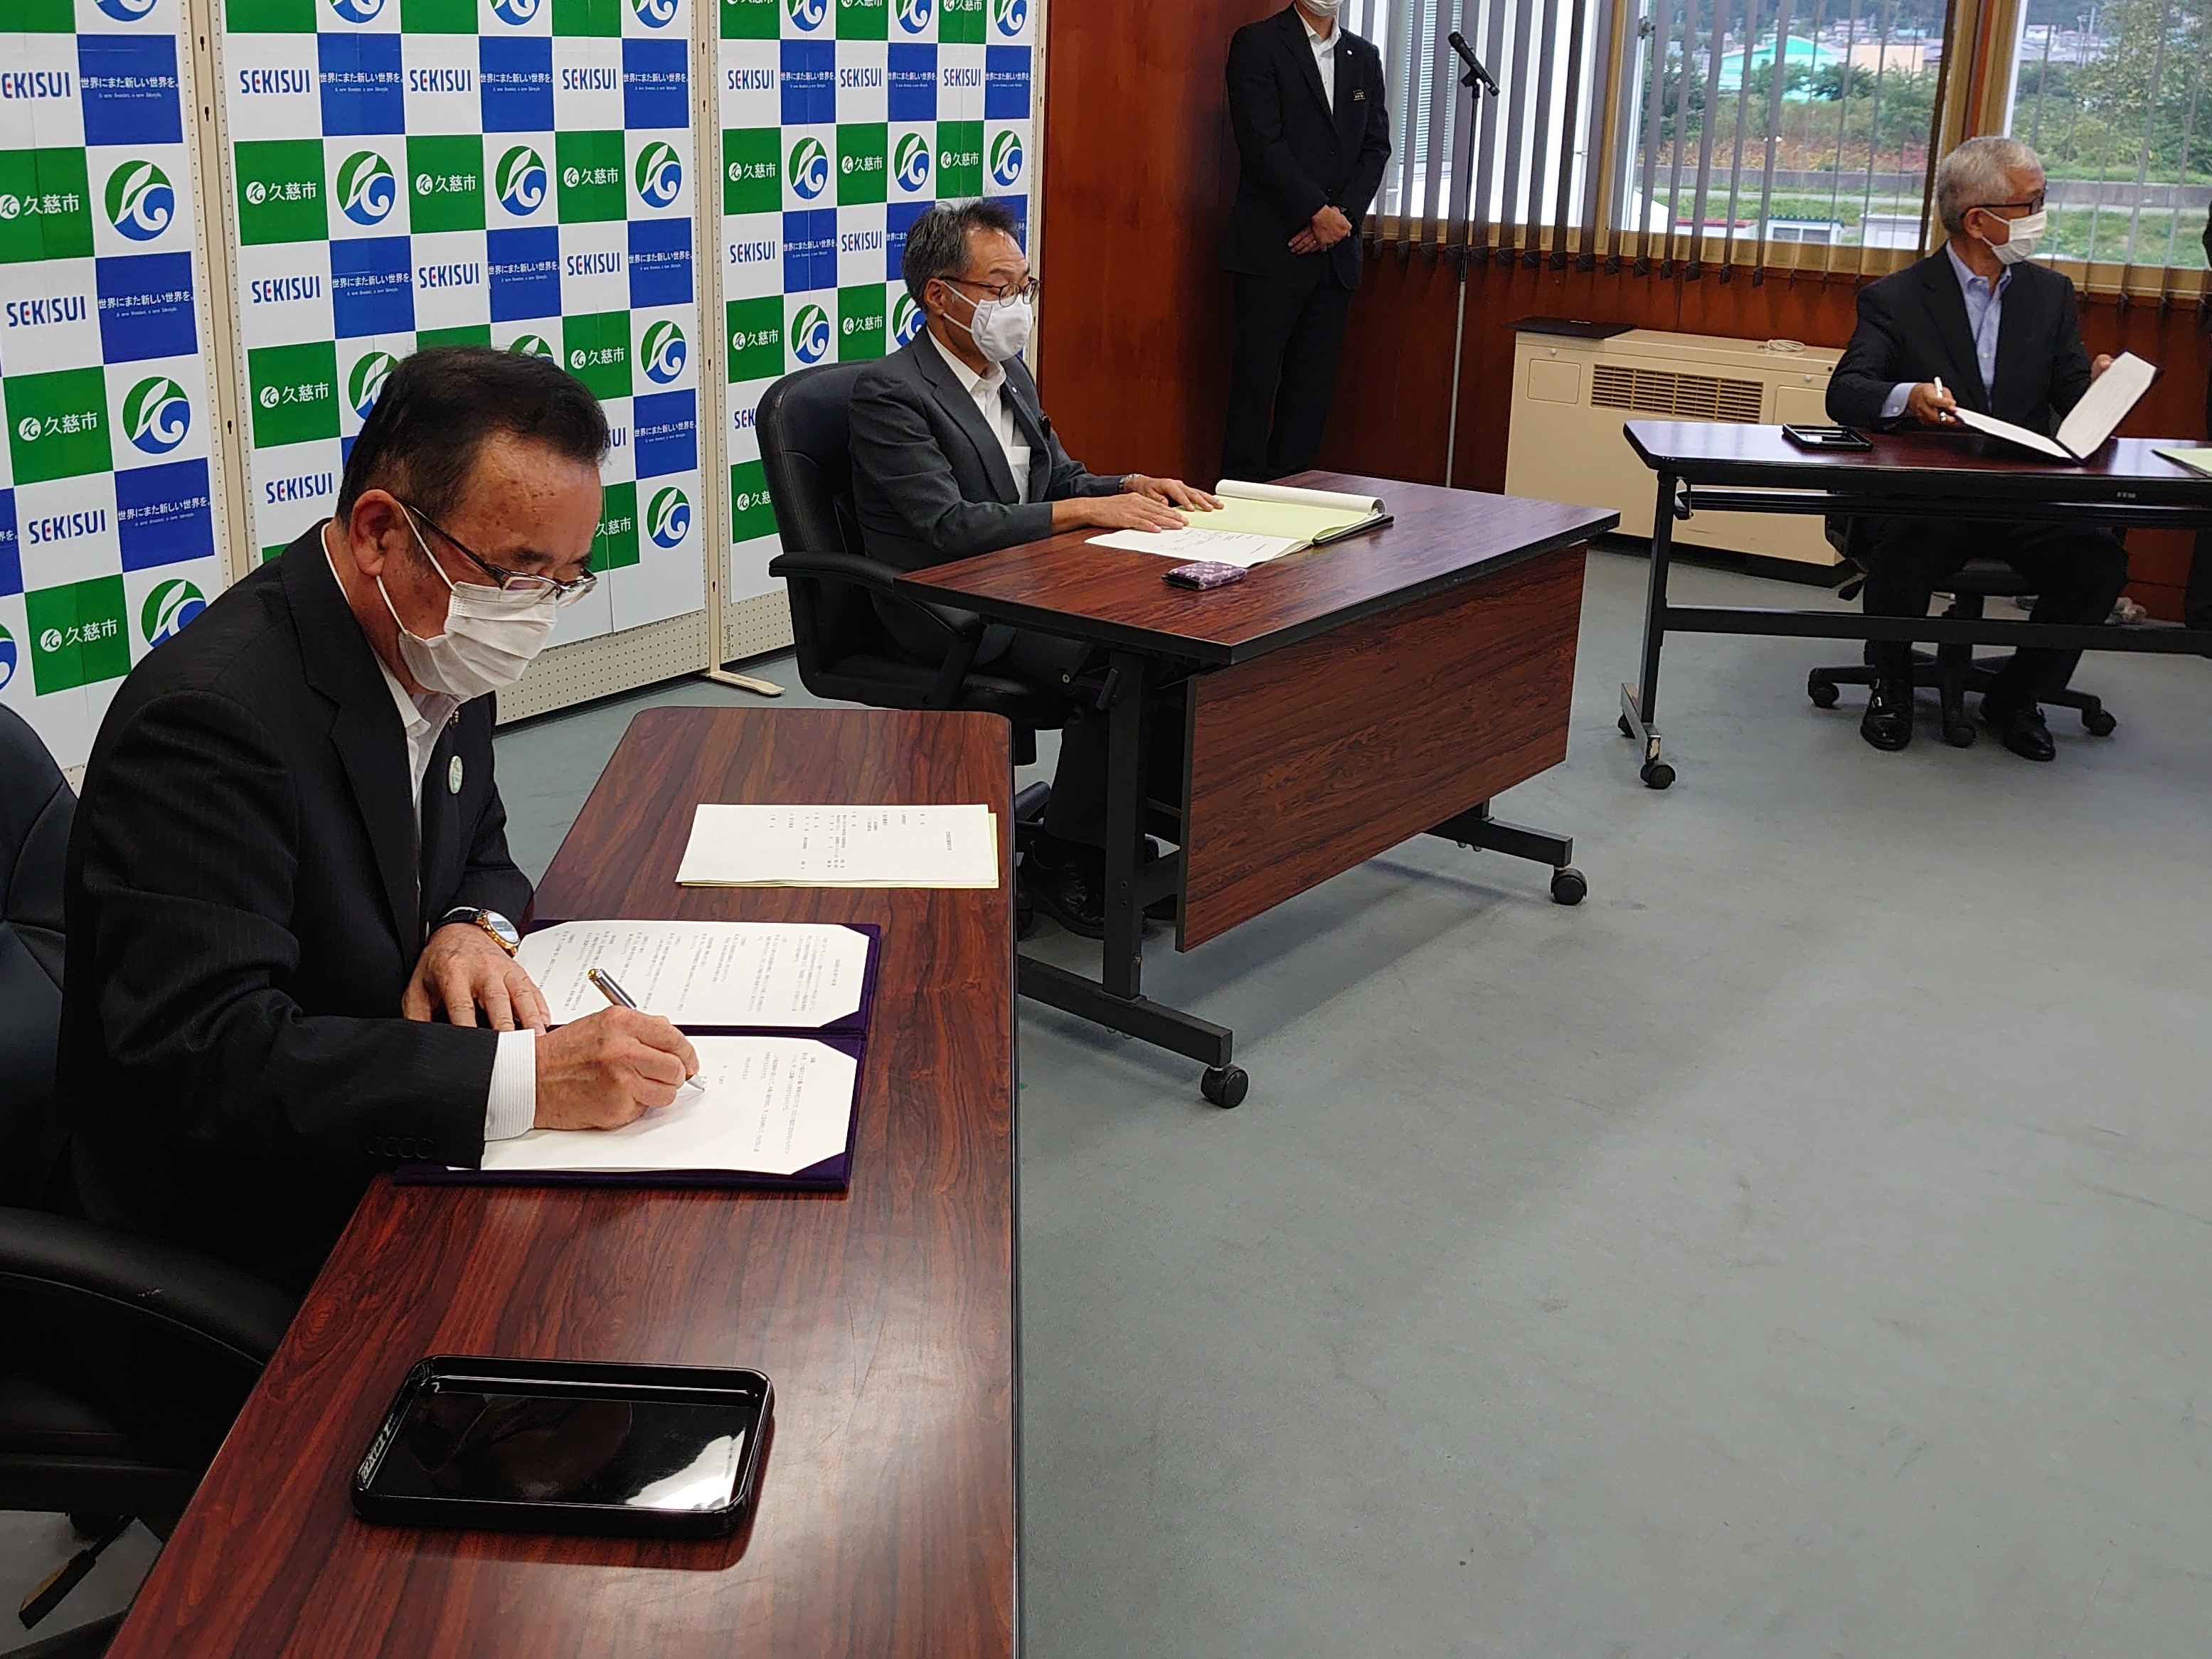 画像:積水バイオリファイナリー株式会社との立地協定調印式を執り行いました。